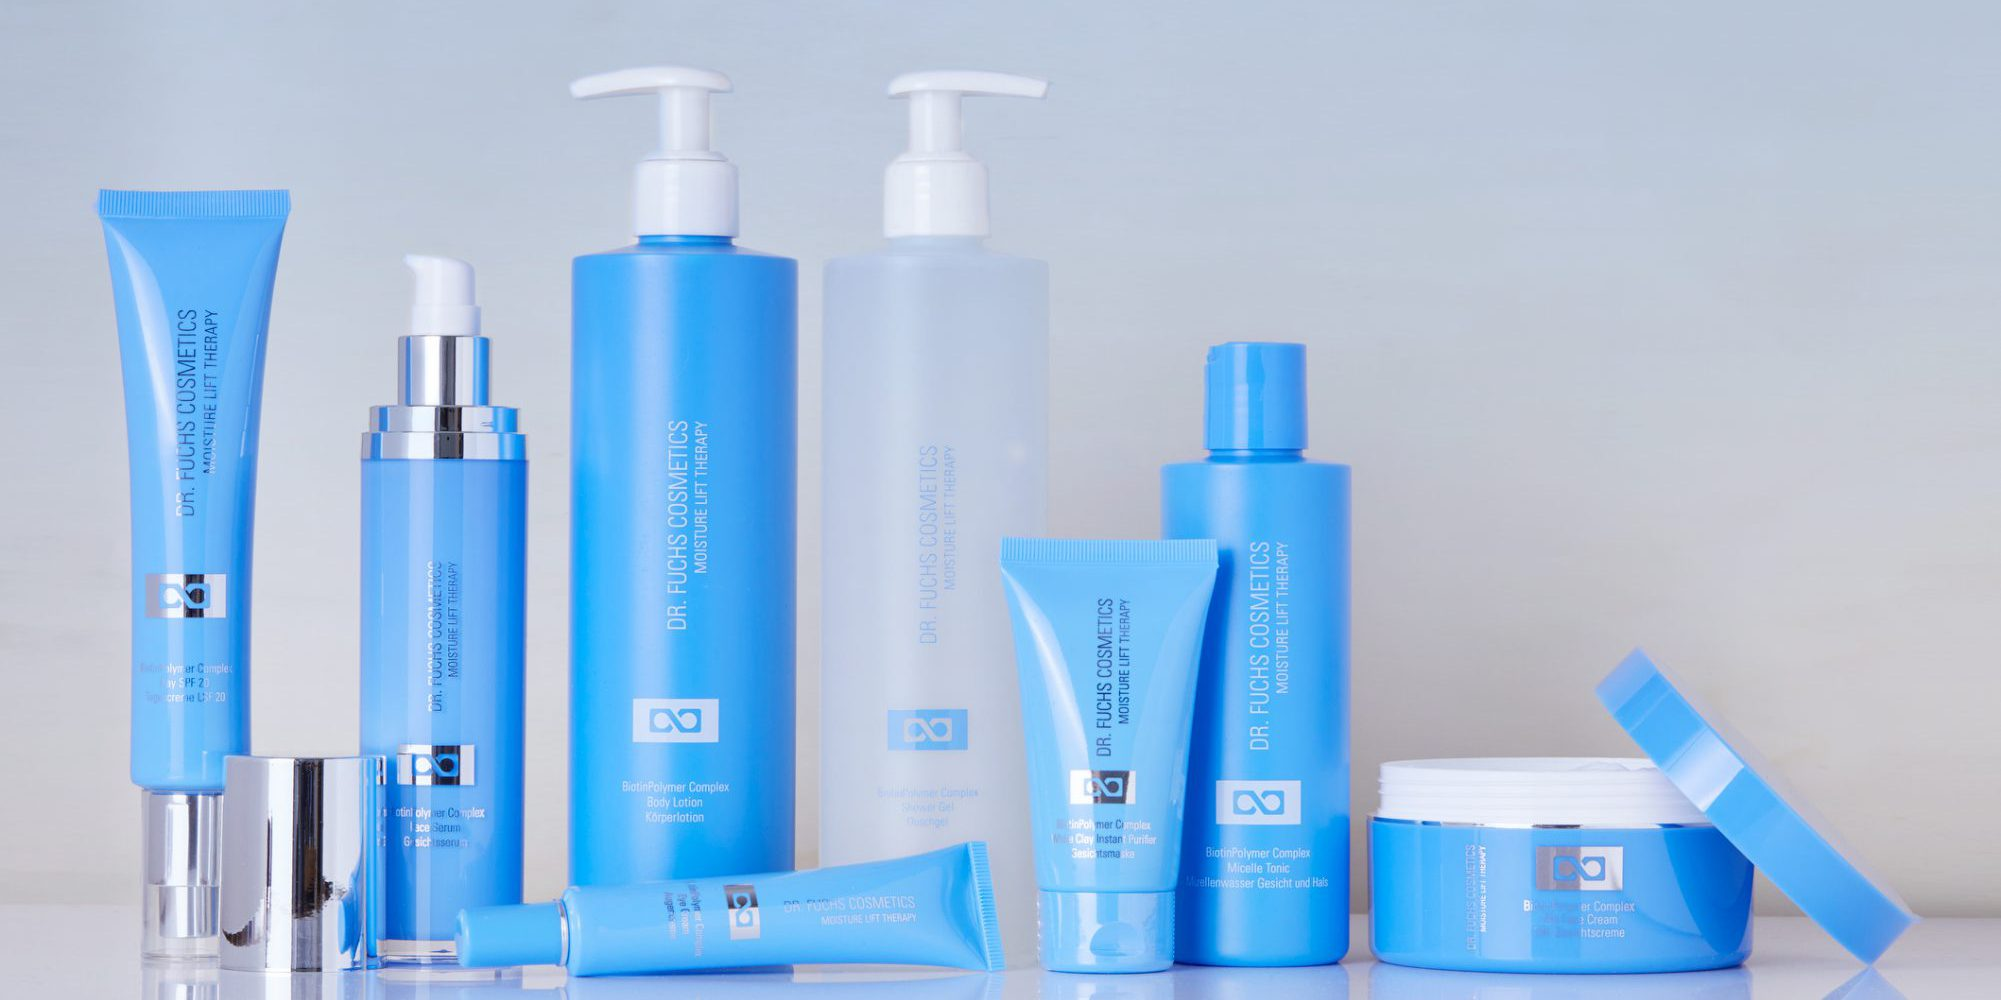 Produktfoto aller Produkte der Dr. Fuchs Cosmetics Moisture Lift Therapy